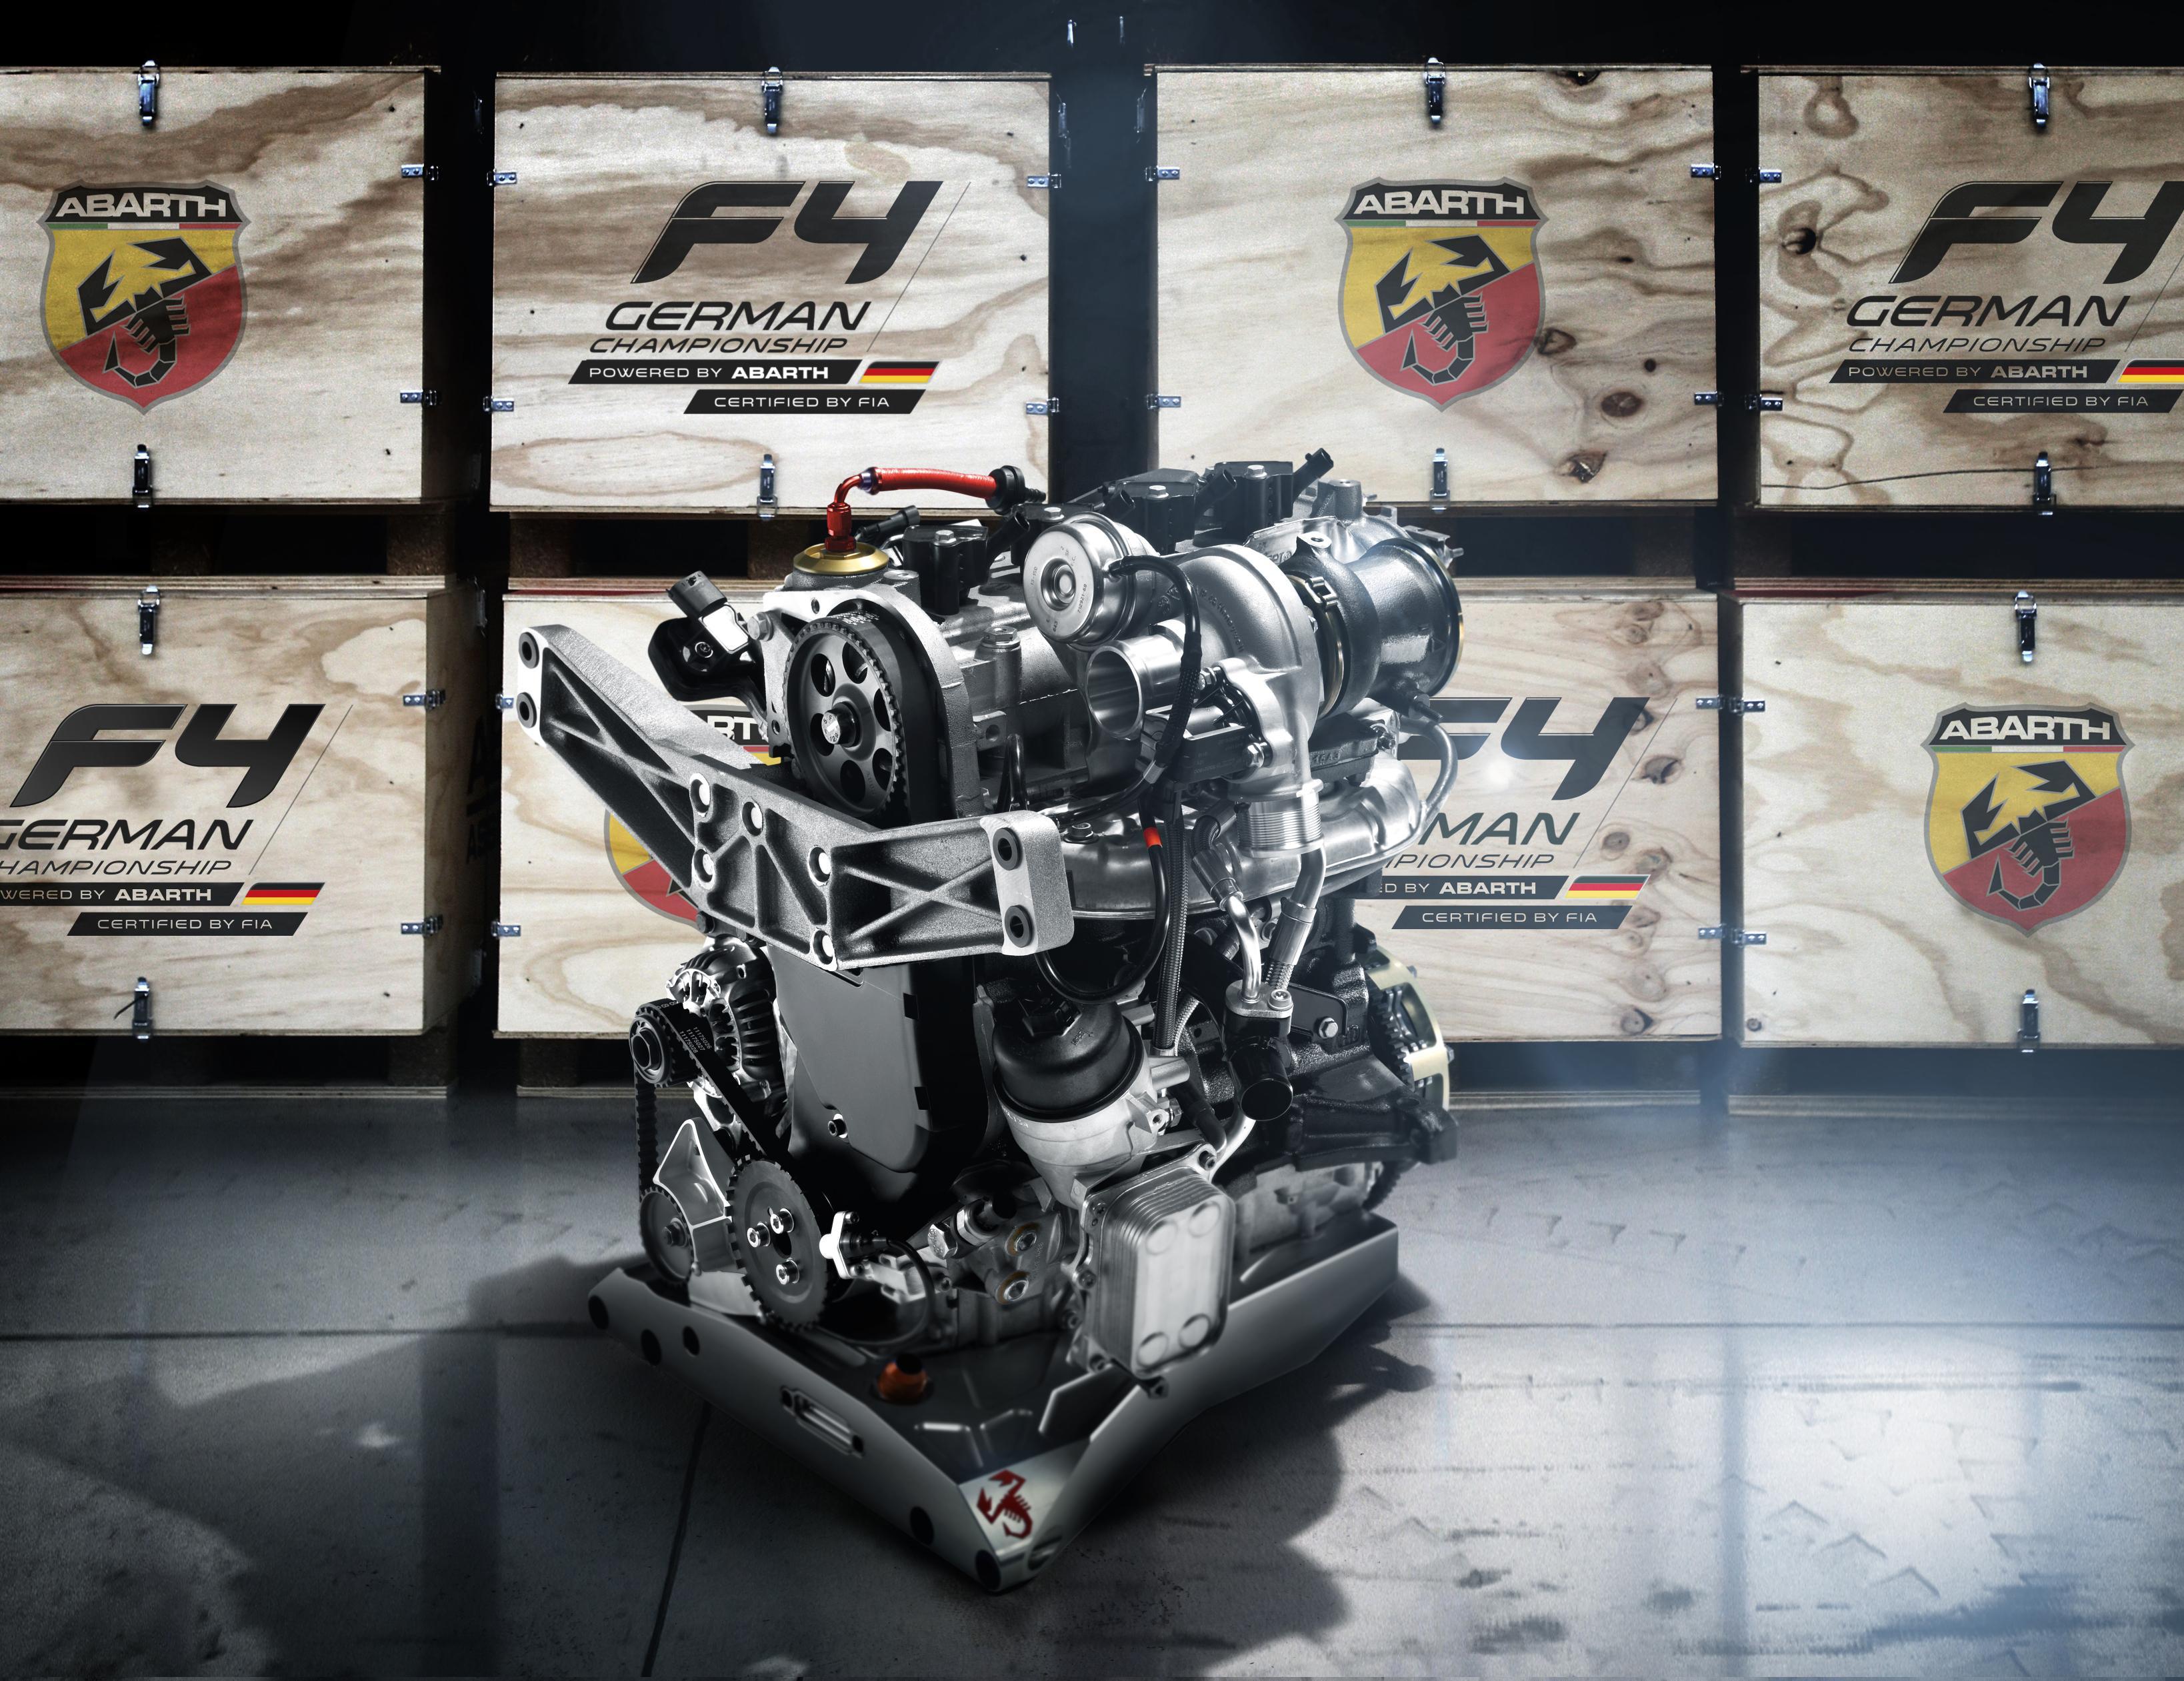 Abarth fornirà i motori per l'ADAC Formula 4 in Germania